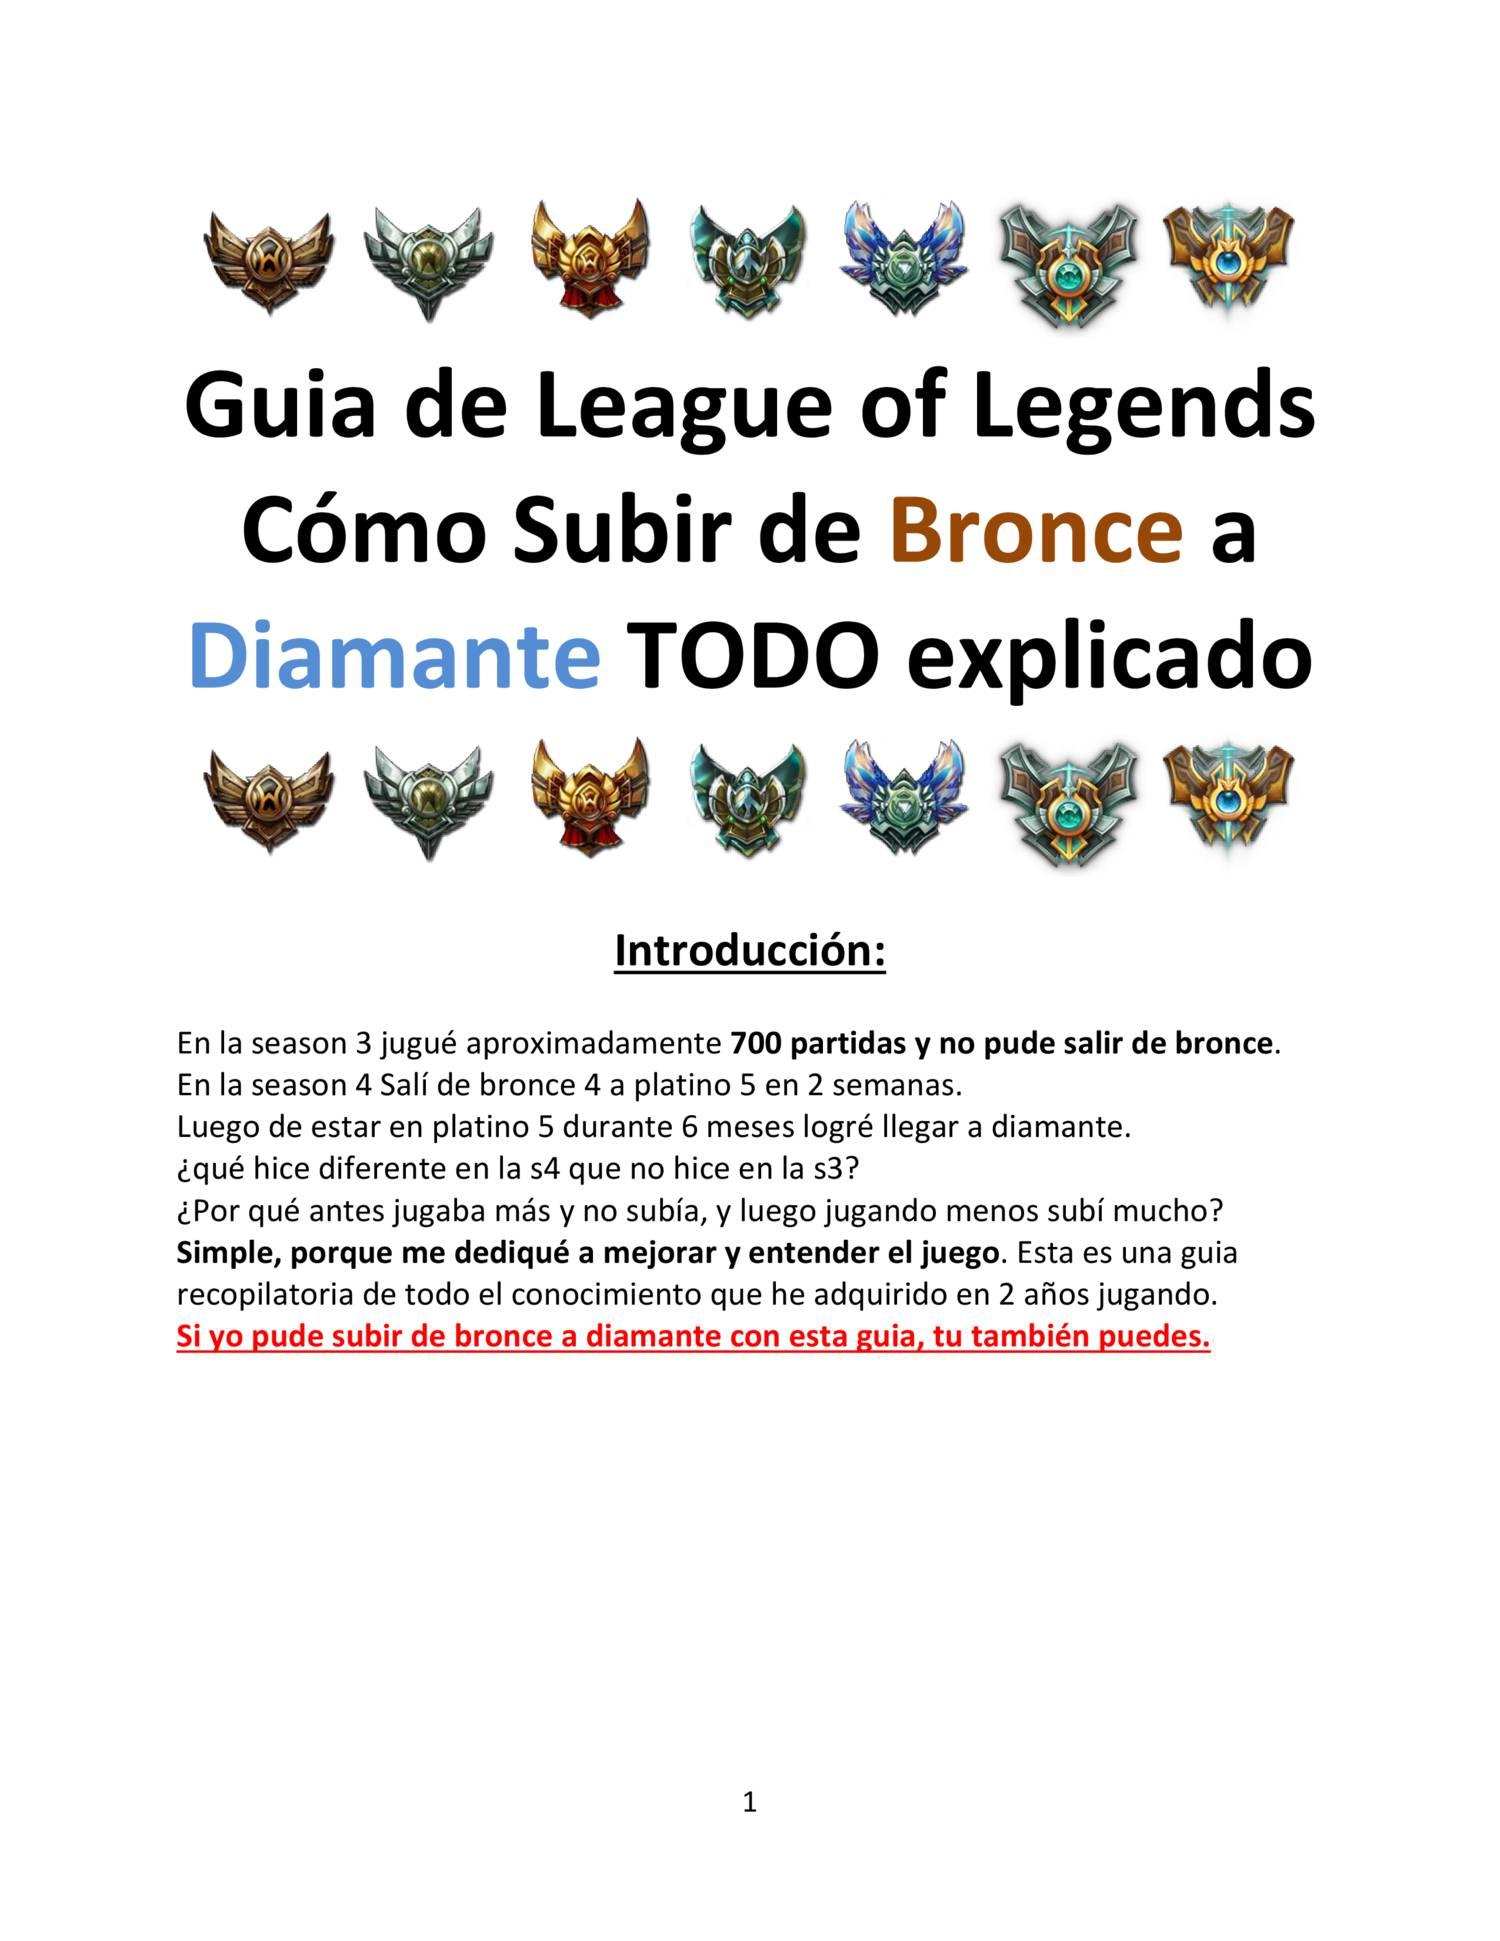 Salir de bronce 100 efectivo for Guia mecanica de cocina pdf